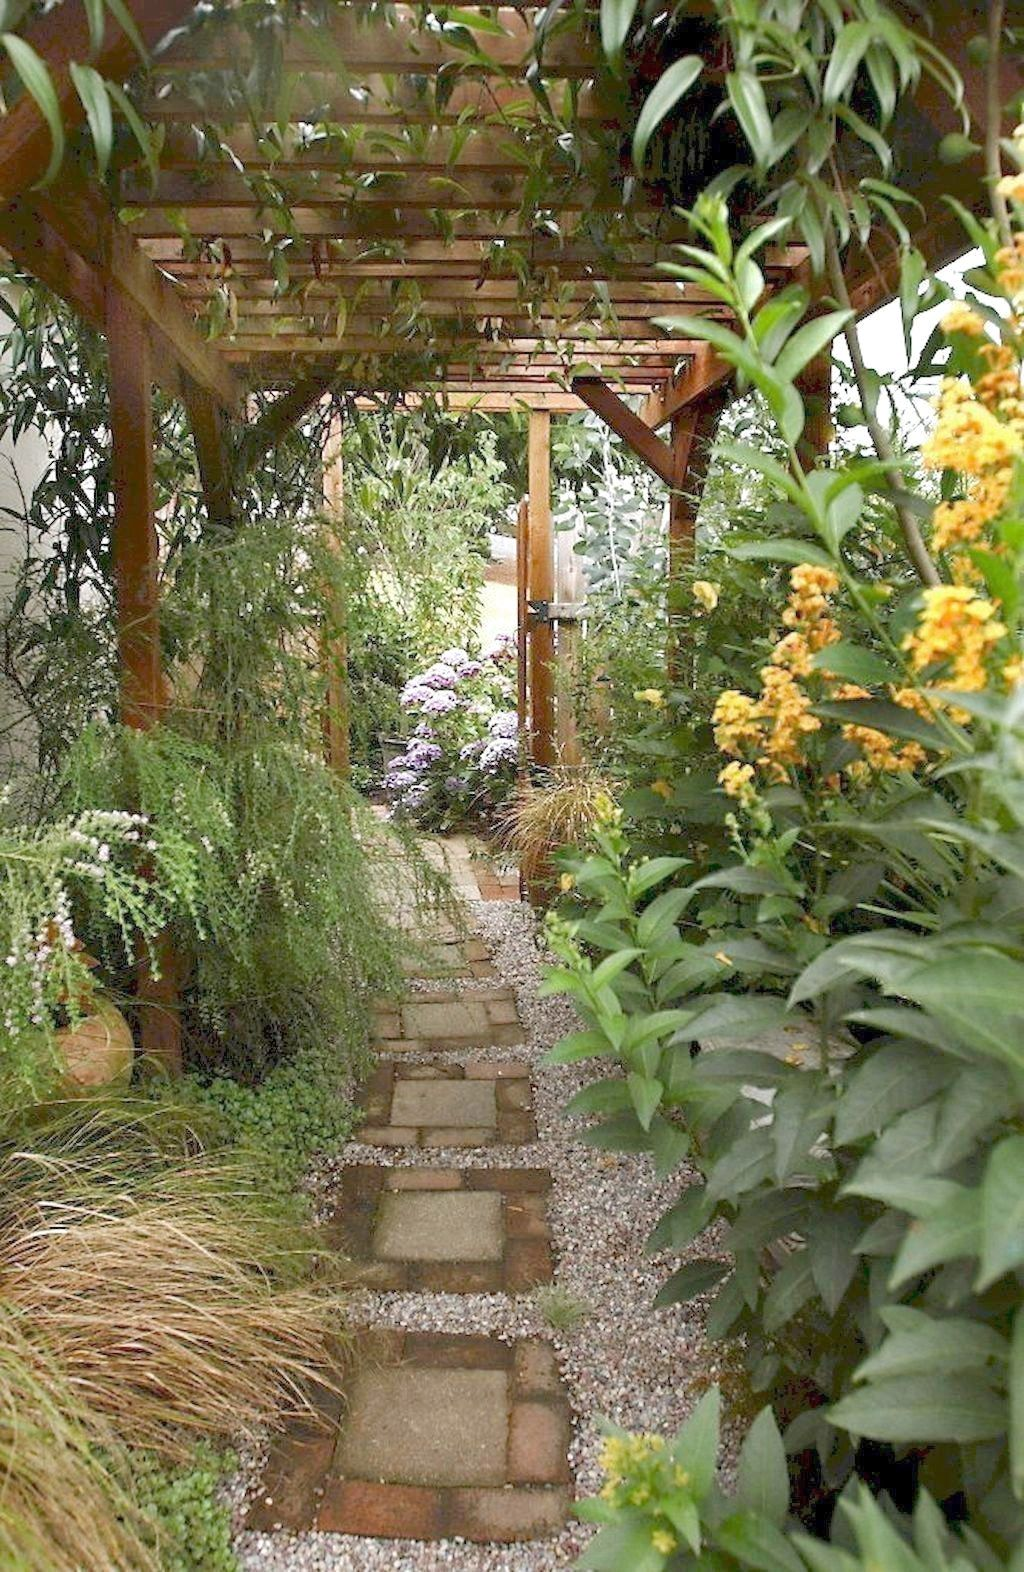 Terramia Garden Grid Sometimes The Simplest Designs Work Repeating The Box Small Garden Design No Grass Backyard Small Garden